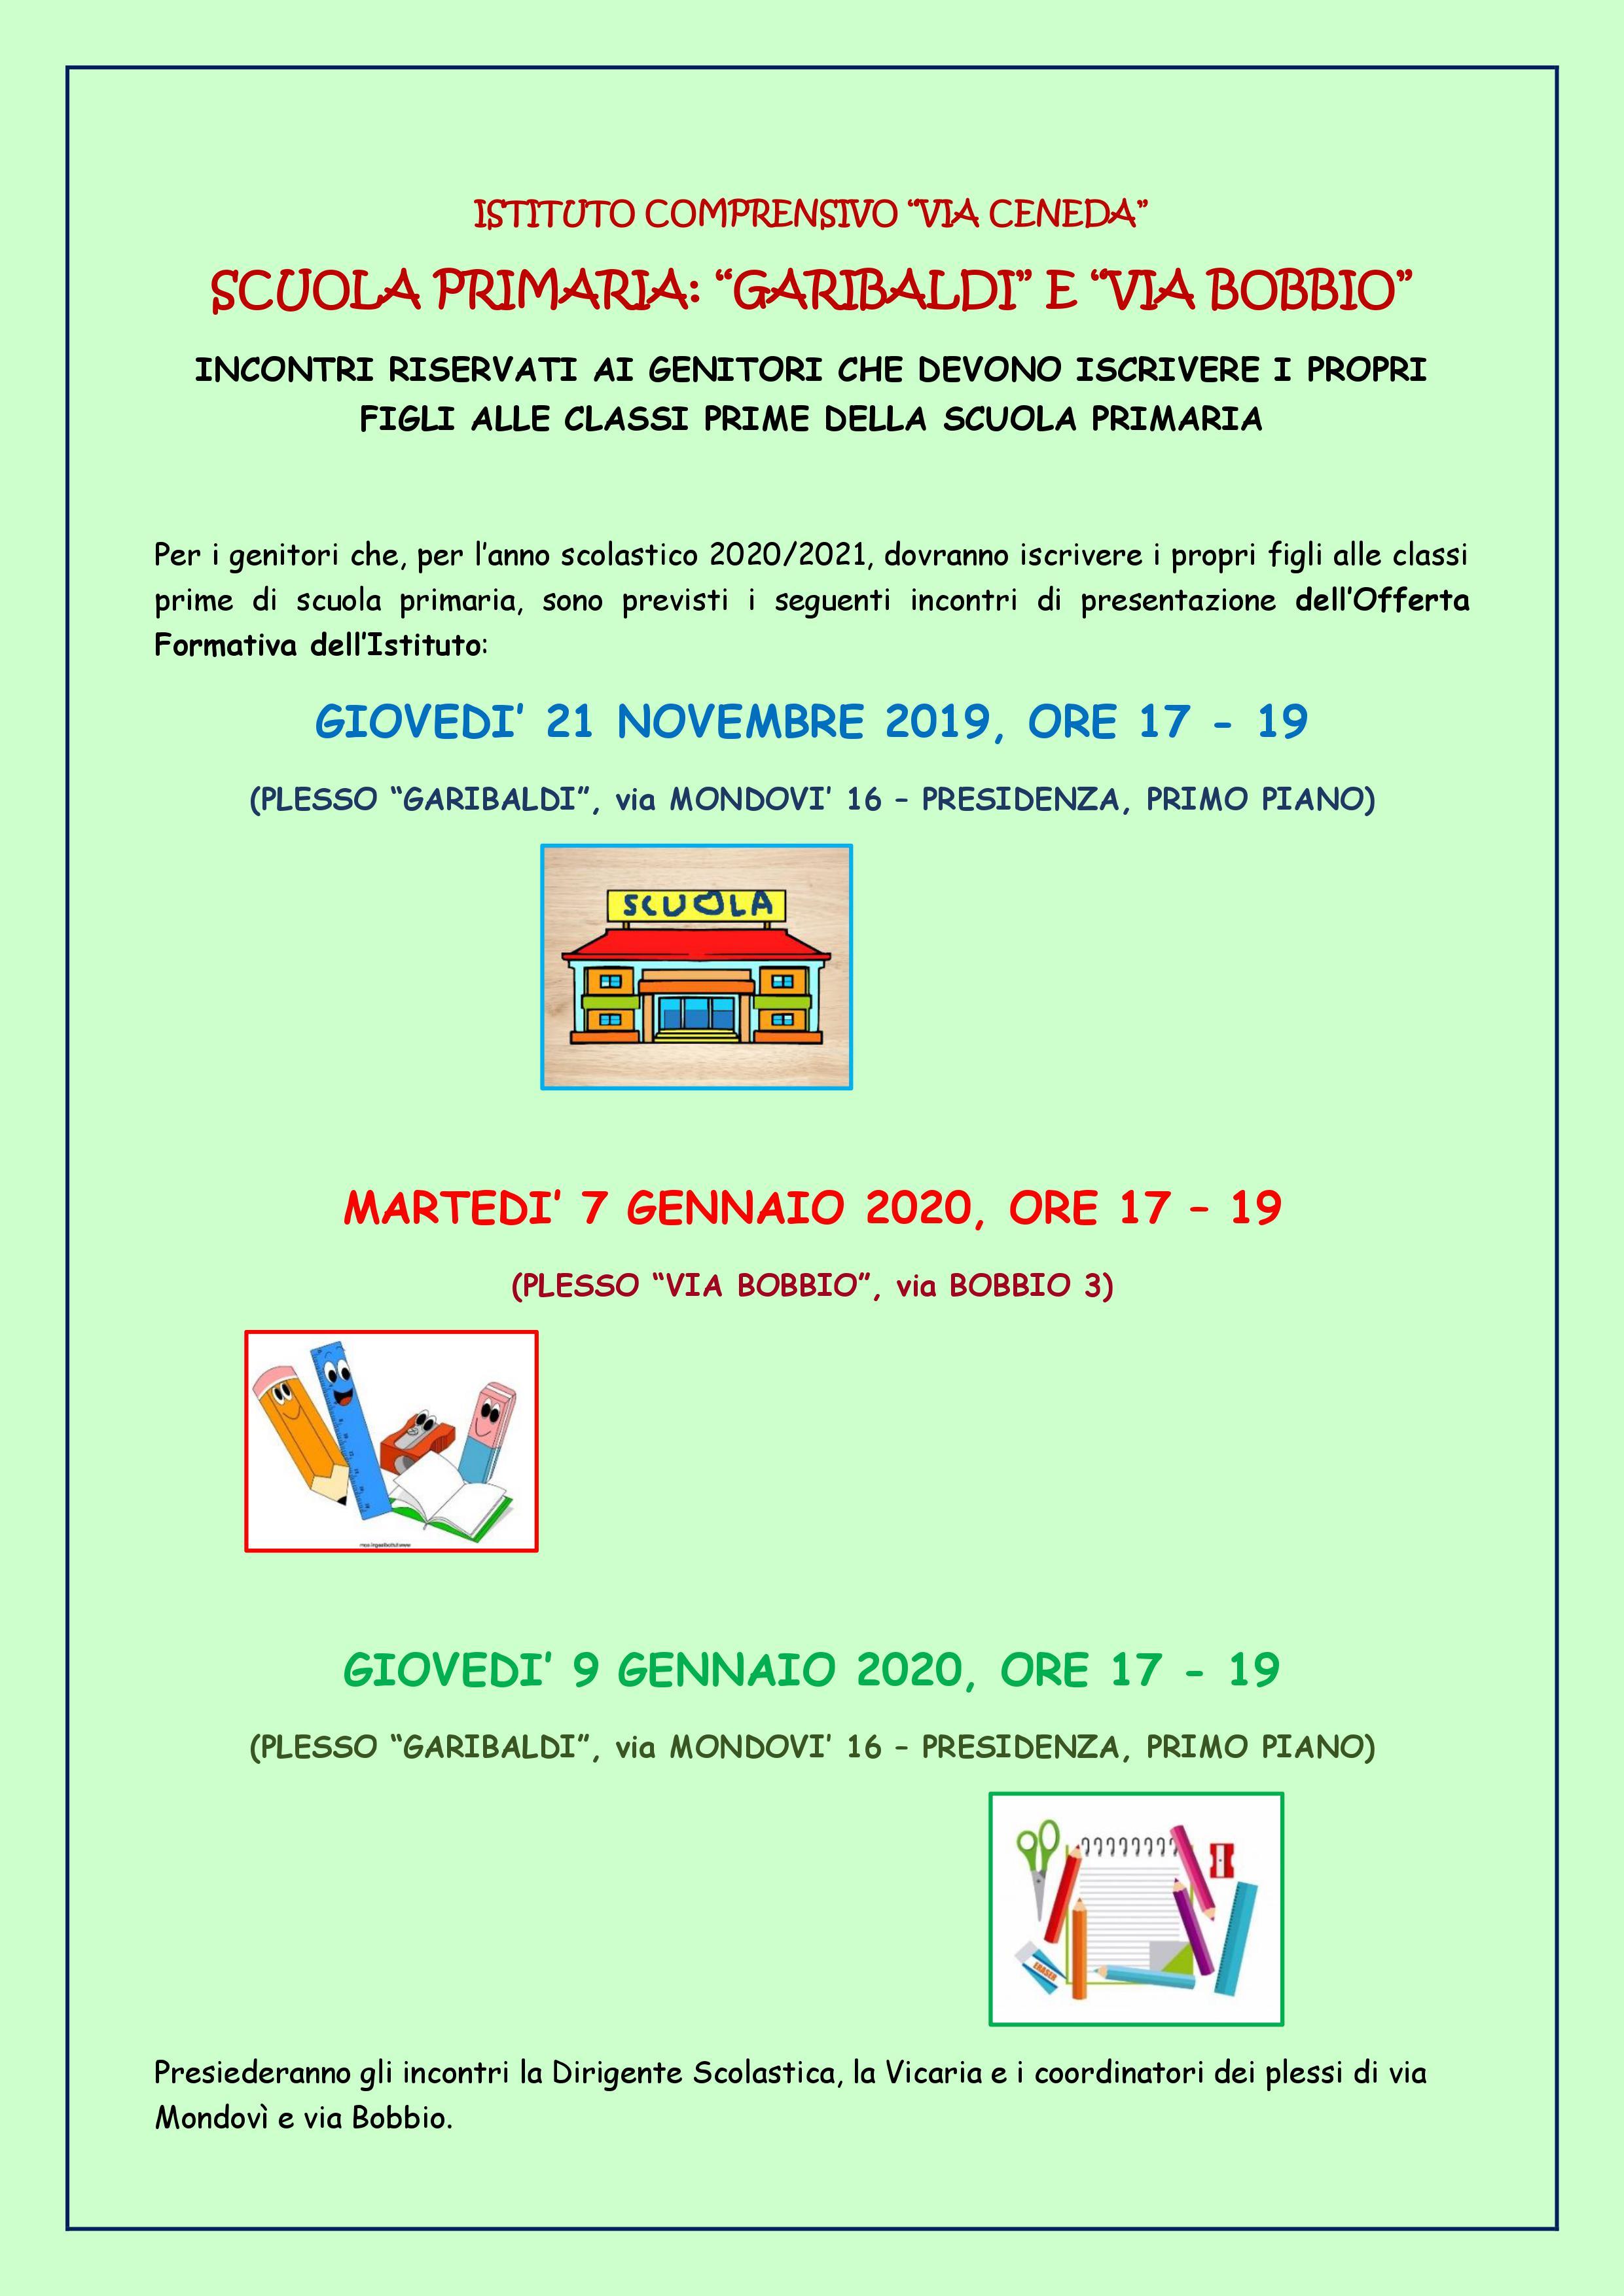 LIstituto Comprensivo Fossano B (Federico Sacco) comprende le scuole dellinfanzia (Rodari e Collodi), primaria (Levi, Calvino, Rolfi) e media di Fossano e.